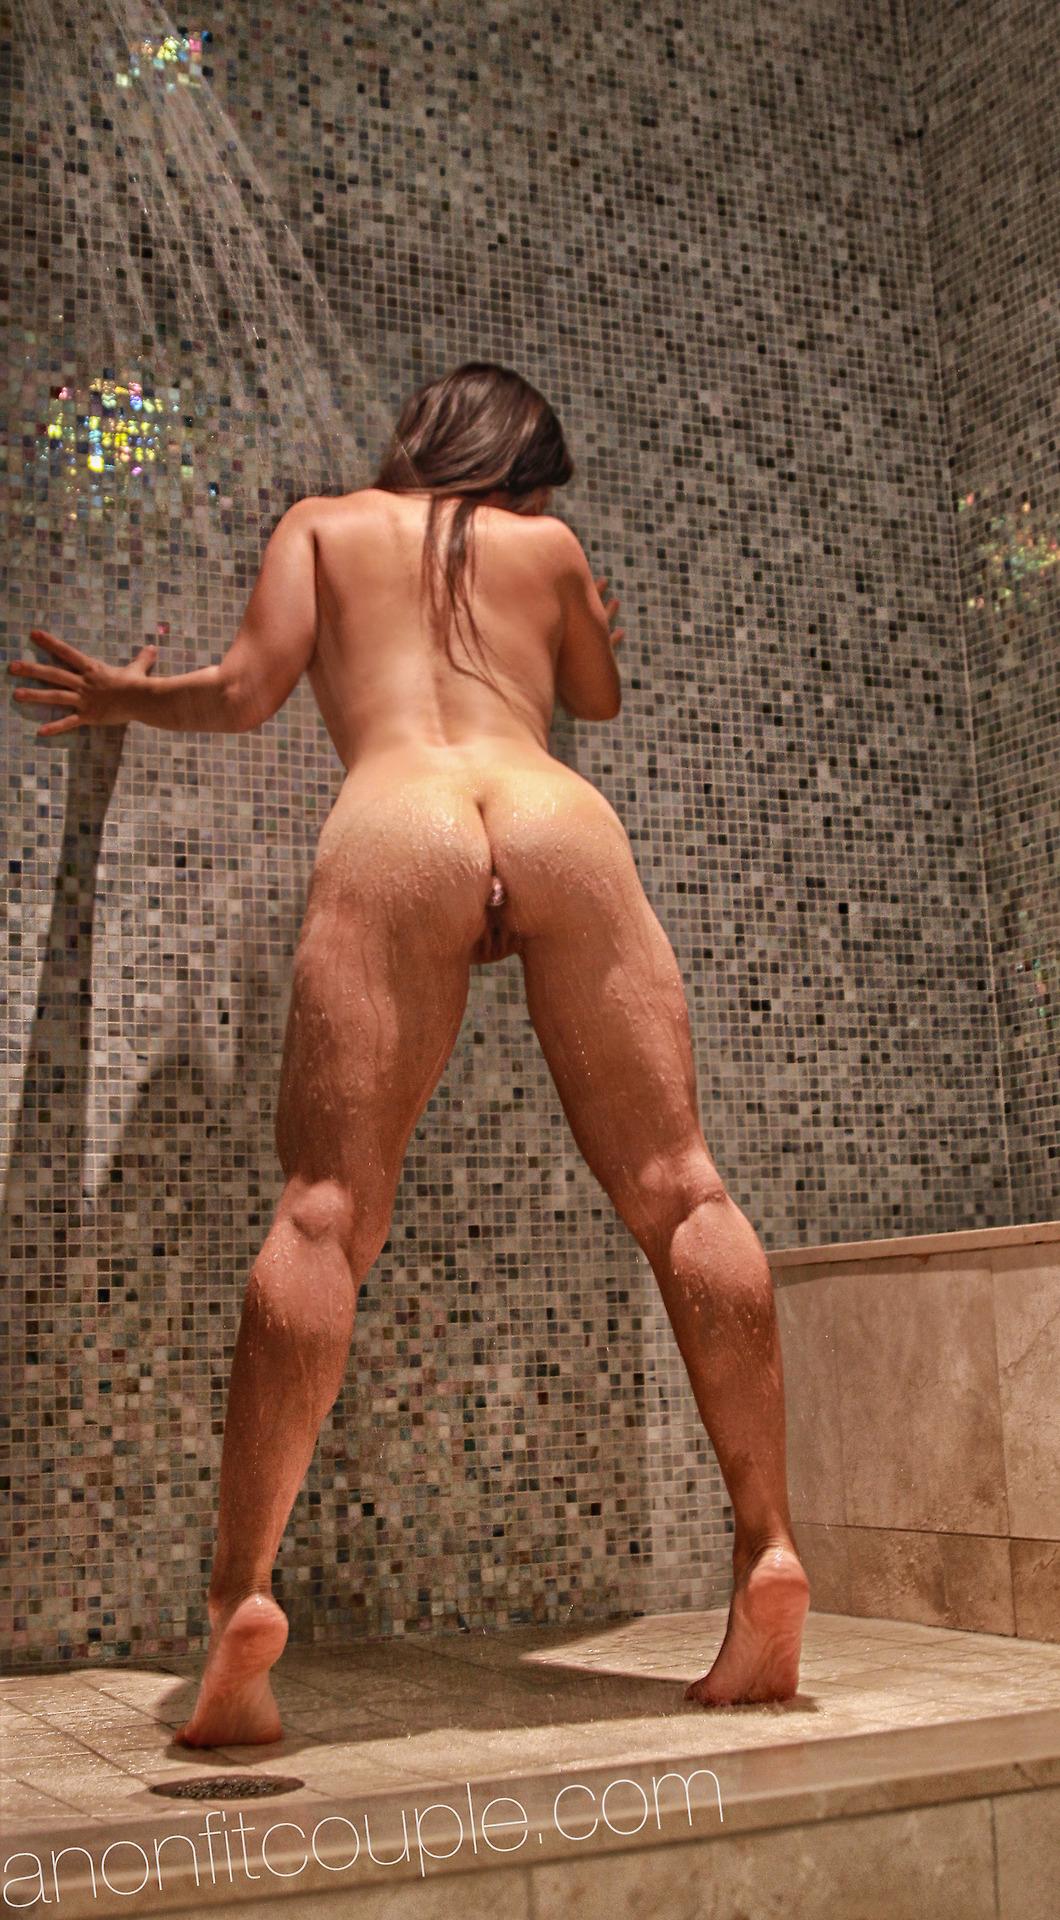 Спортсменки блистают полными жопами и разработанными дырками